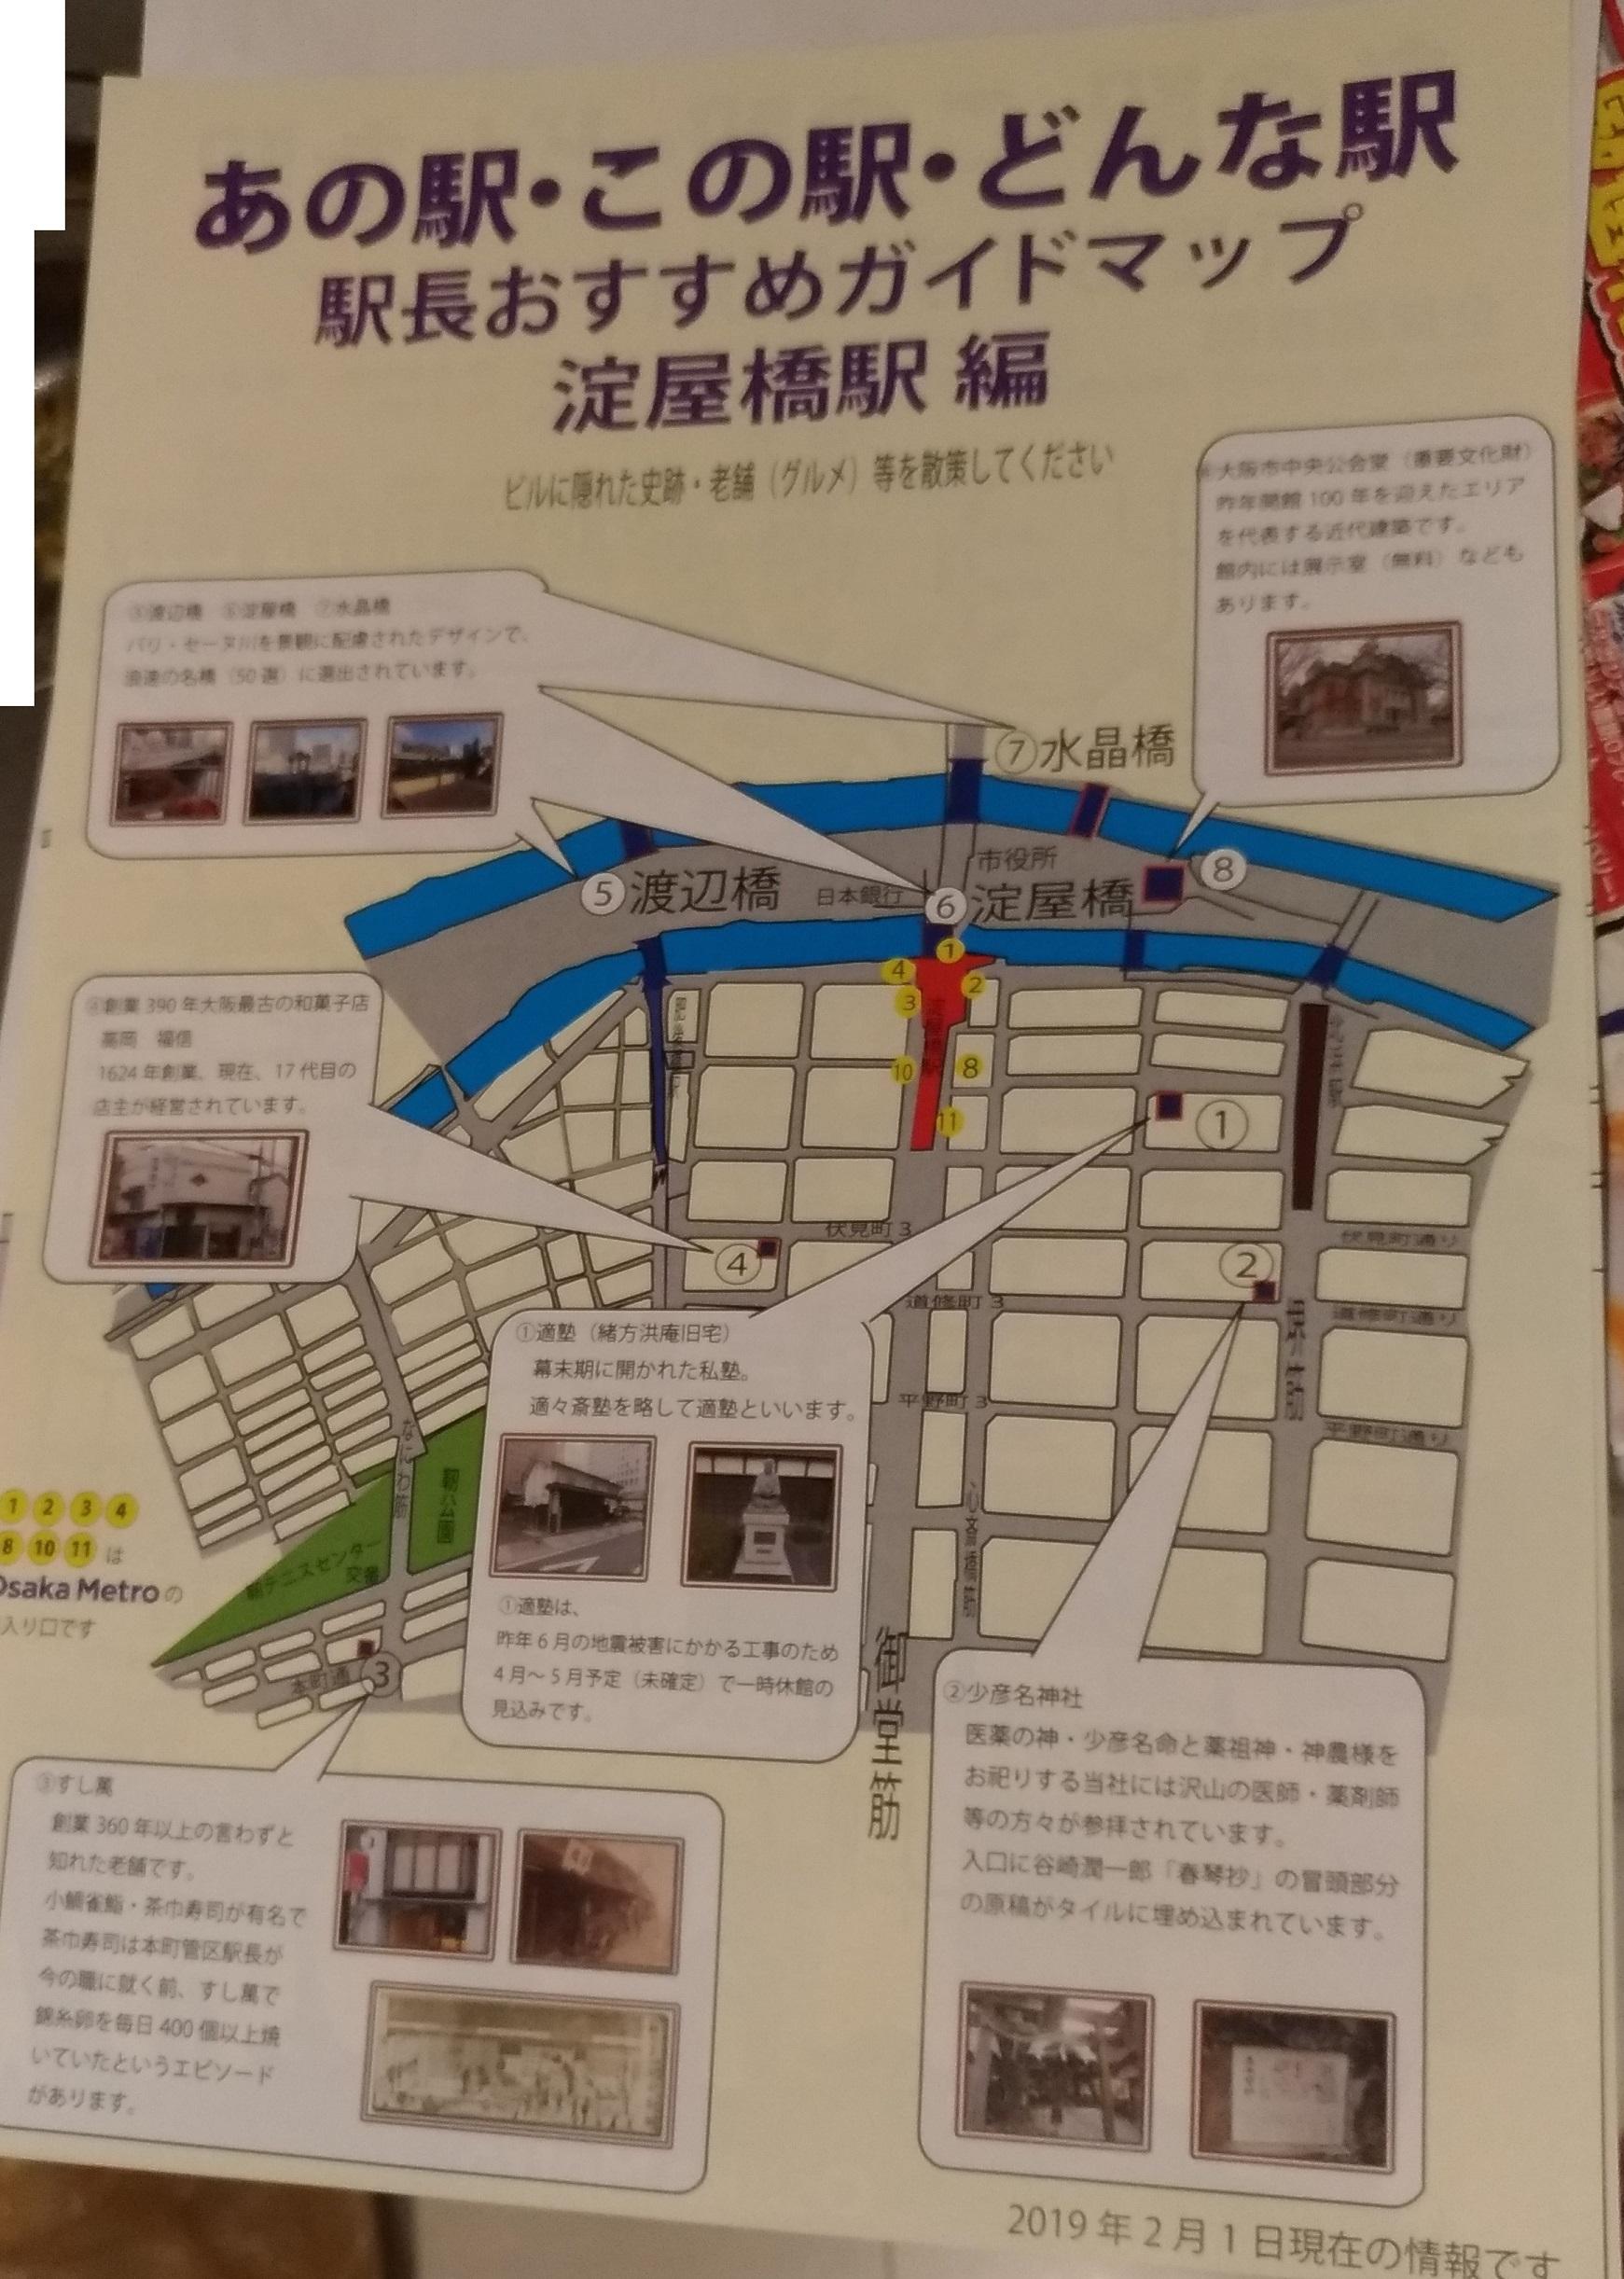 osaka_yodoyabashi_osaka_metoro.jpg